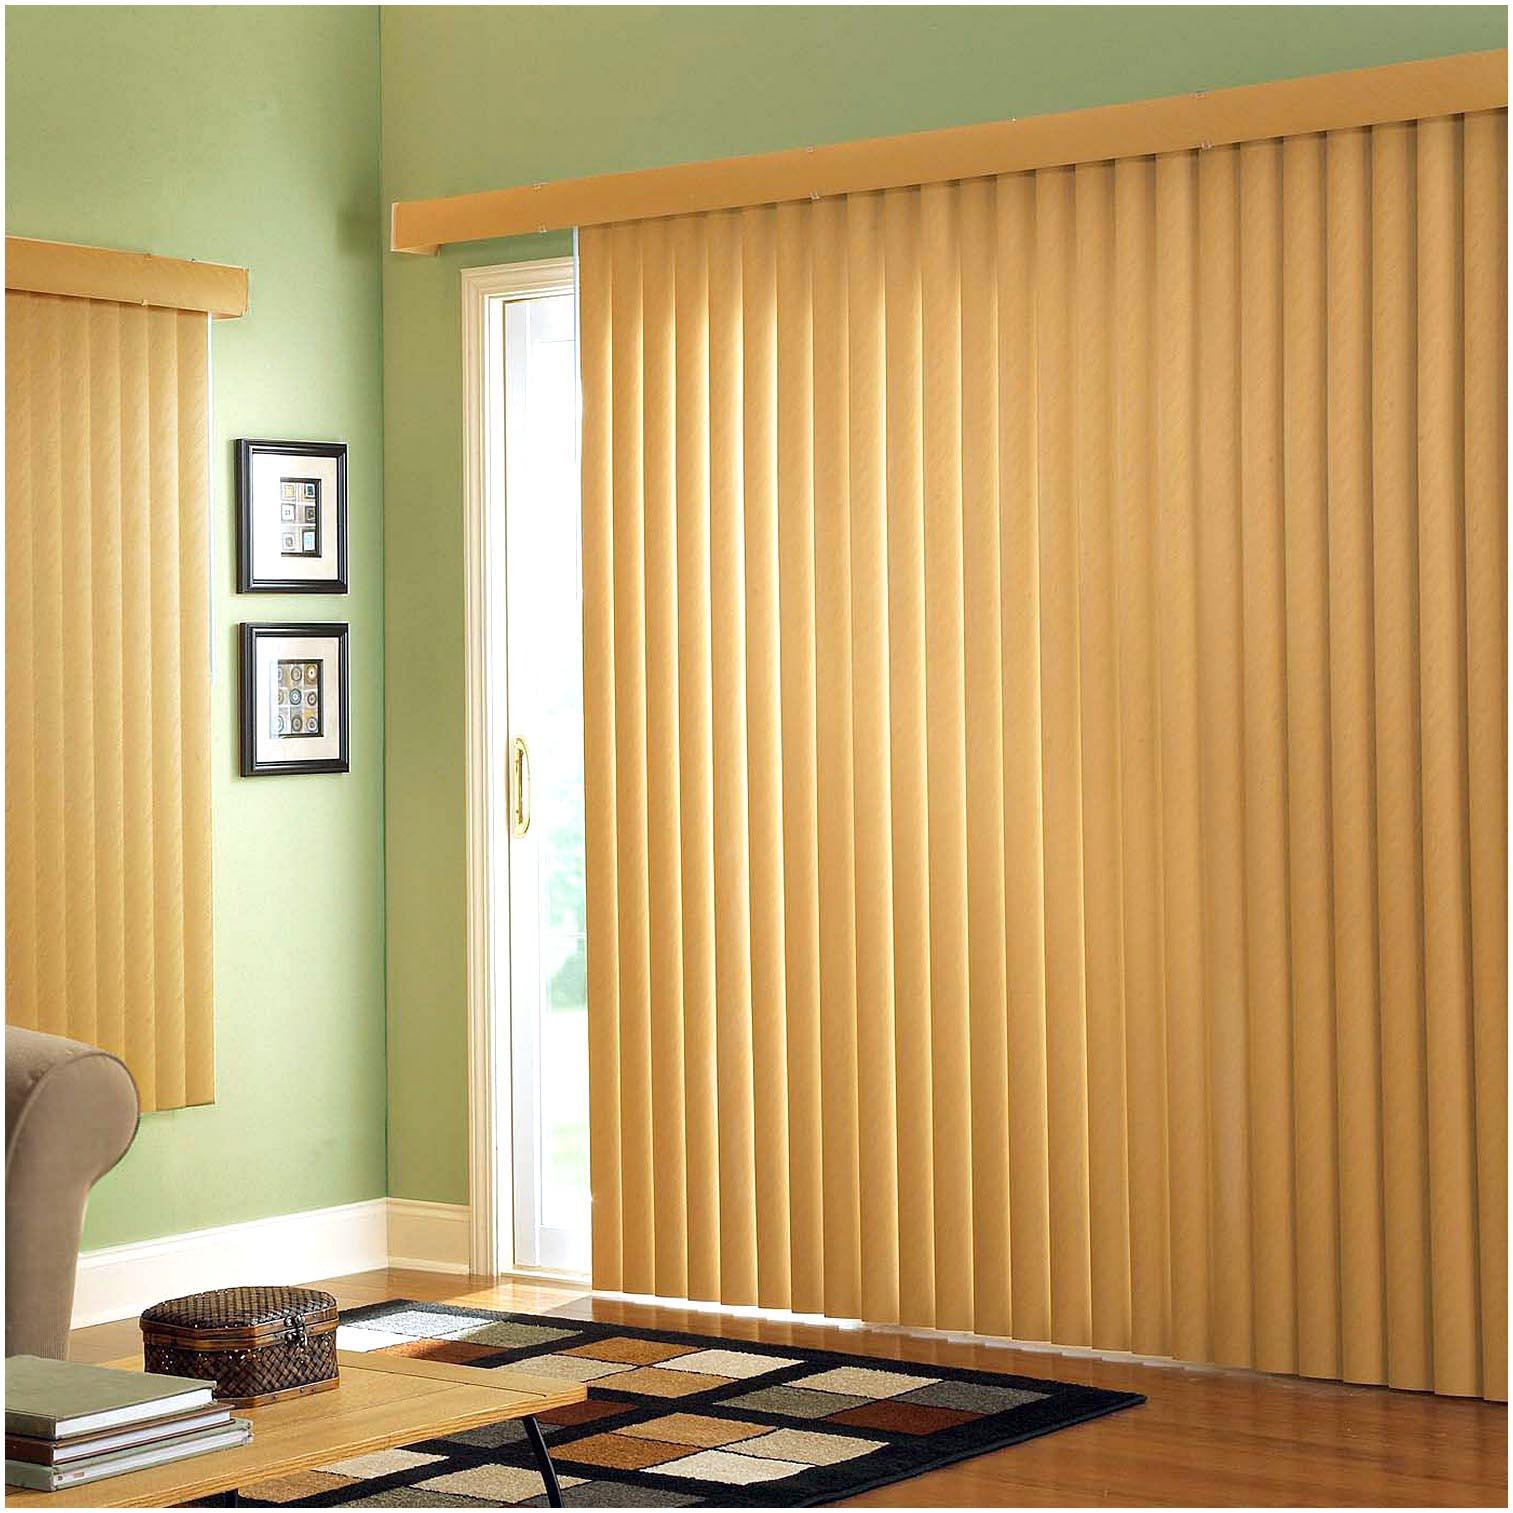 Blind For Door Window Part - 15: Blind For Door Window